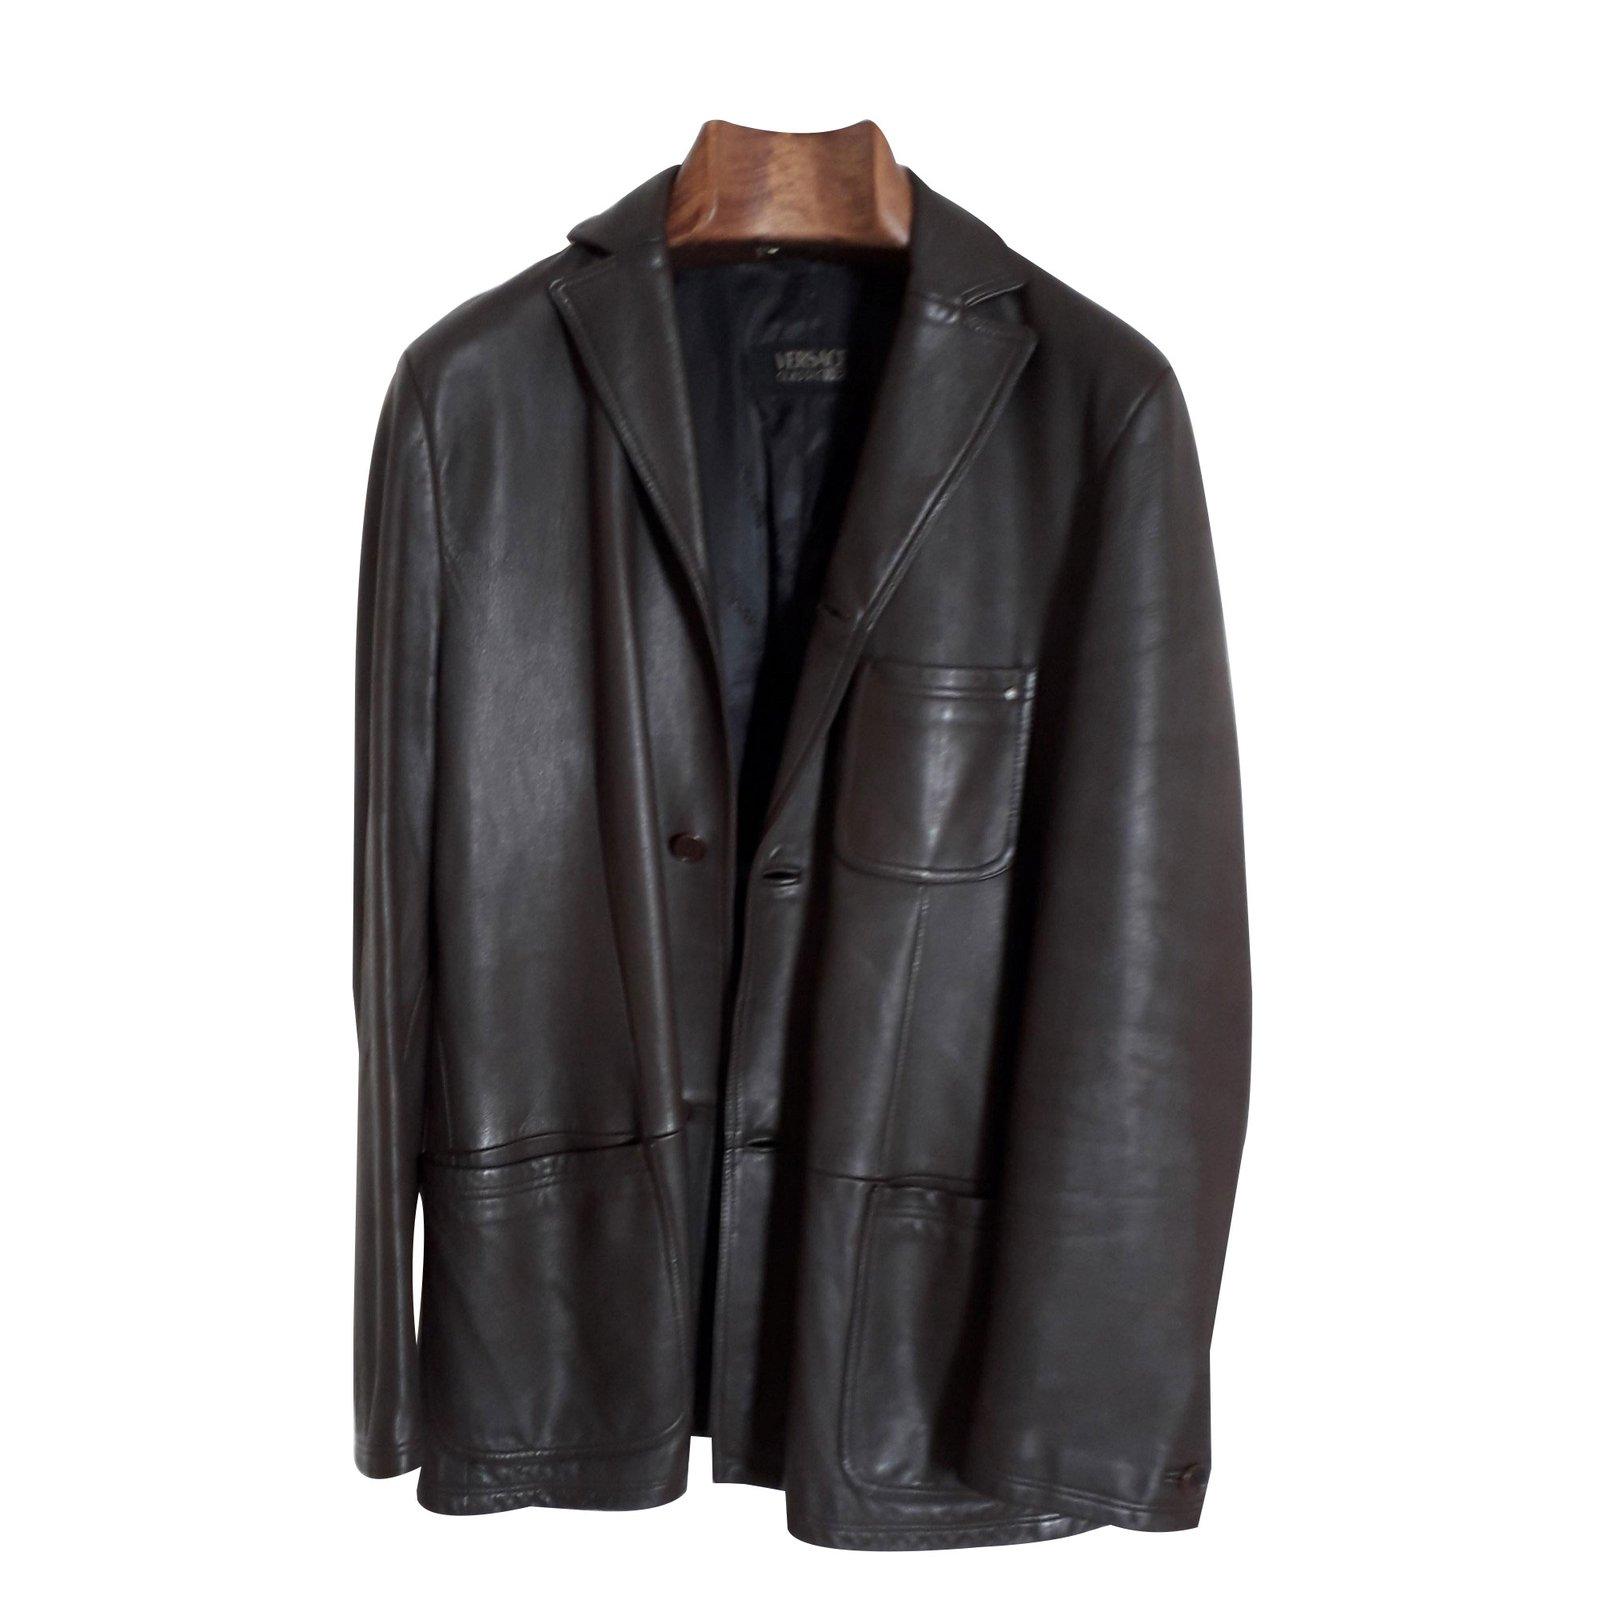 Ref Blousons Veste Joli Foncé Marron Versace Vestes Closet 85075 Cuir EZBwxYqYC